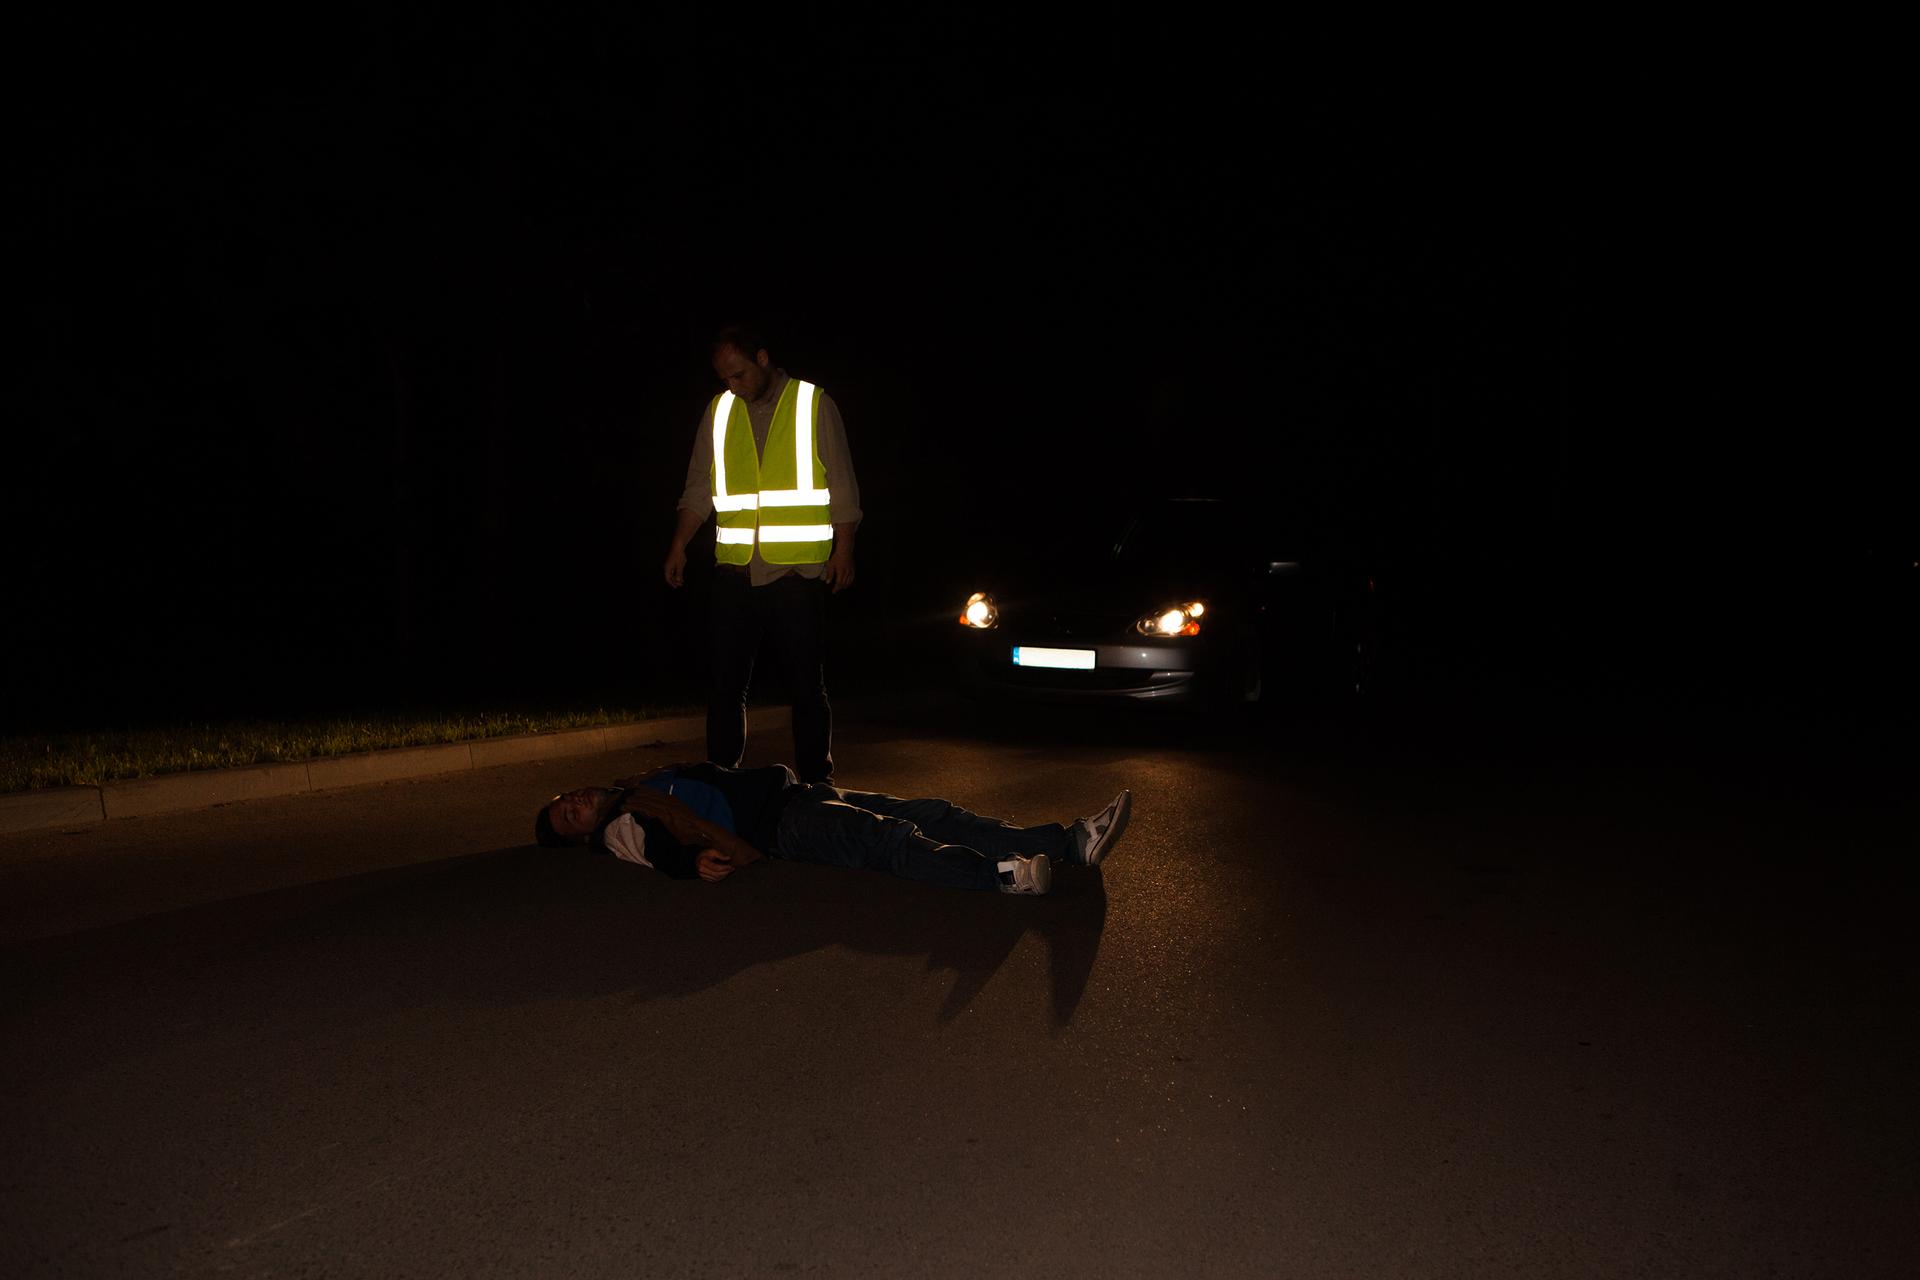 Dwa zdjęcia: dwa zdjęcia ułożone poziomo. Noc. Drugie zdjęcie po prawej. Na jezdni leży nieprzytomna osoba. Leżąca osoba ubrana na czarno bez odblaskowych dodatków. Za leżącą osobą zaparkowany samochód zwłączonymi reflektorami. Reflektory skierowane na leżącą osobę. Kierowca wżółtej kamizelce odblaskowej wyróżnia się na ciemnym zdjęciu. Białe pasy na kamizelce ostrzegają innych kierowców.